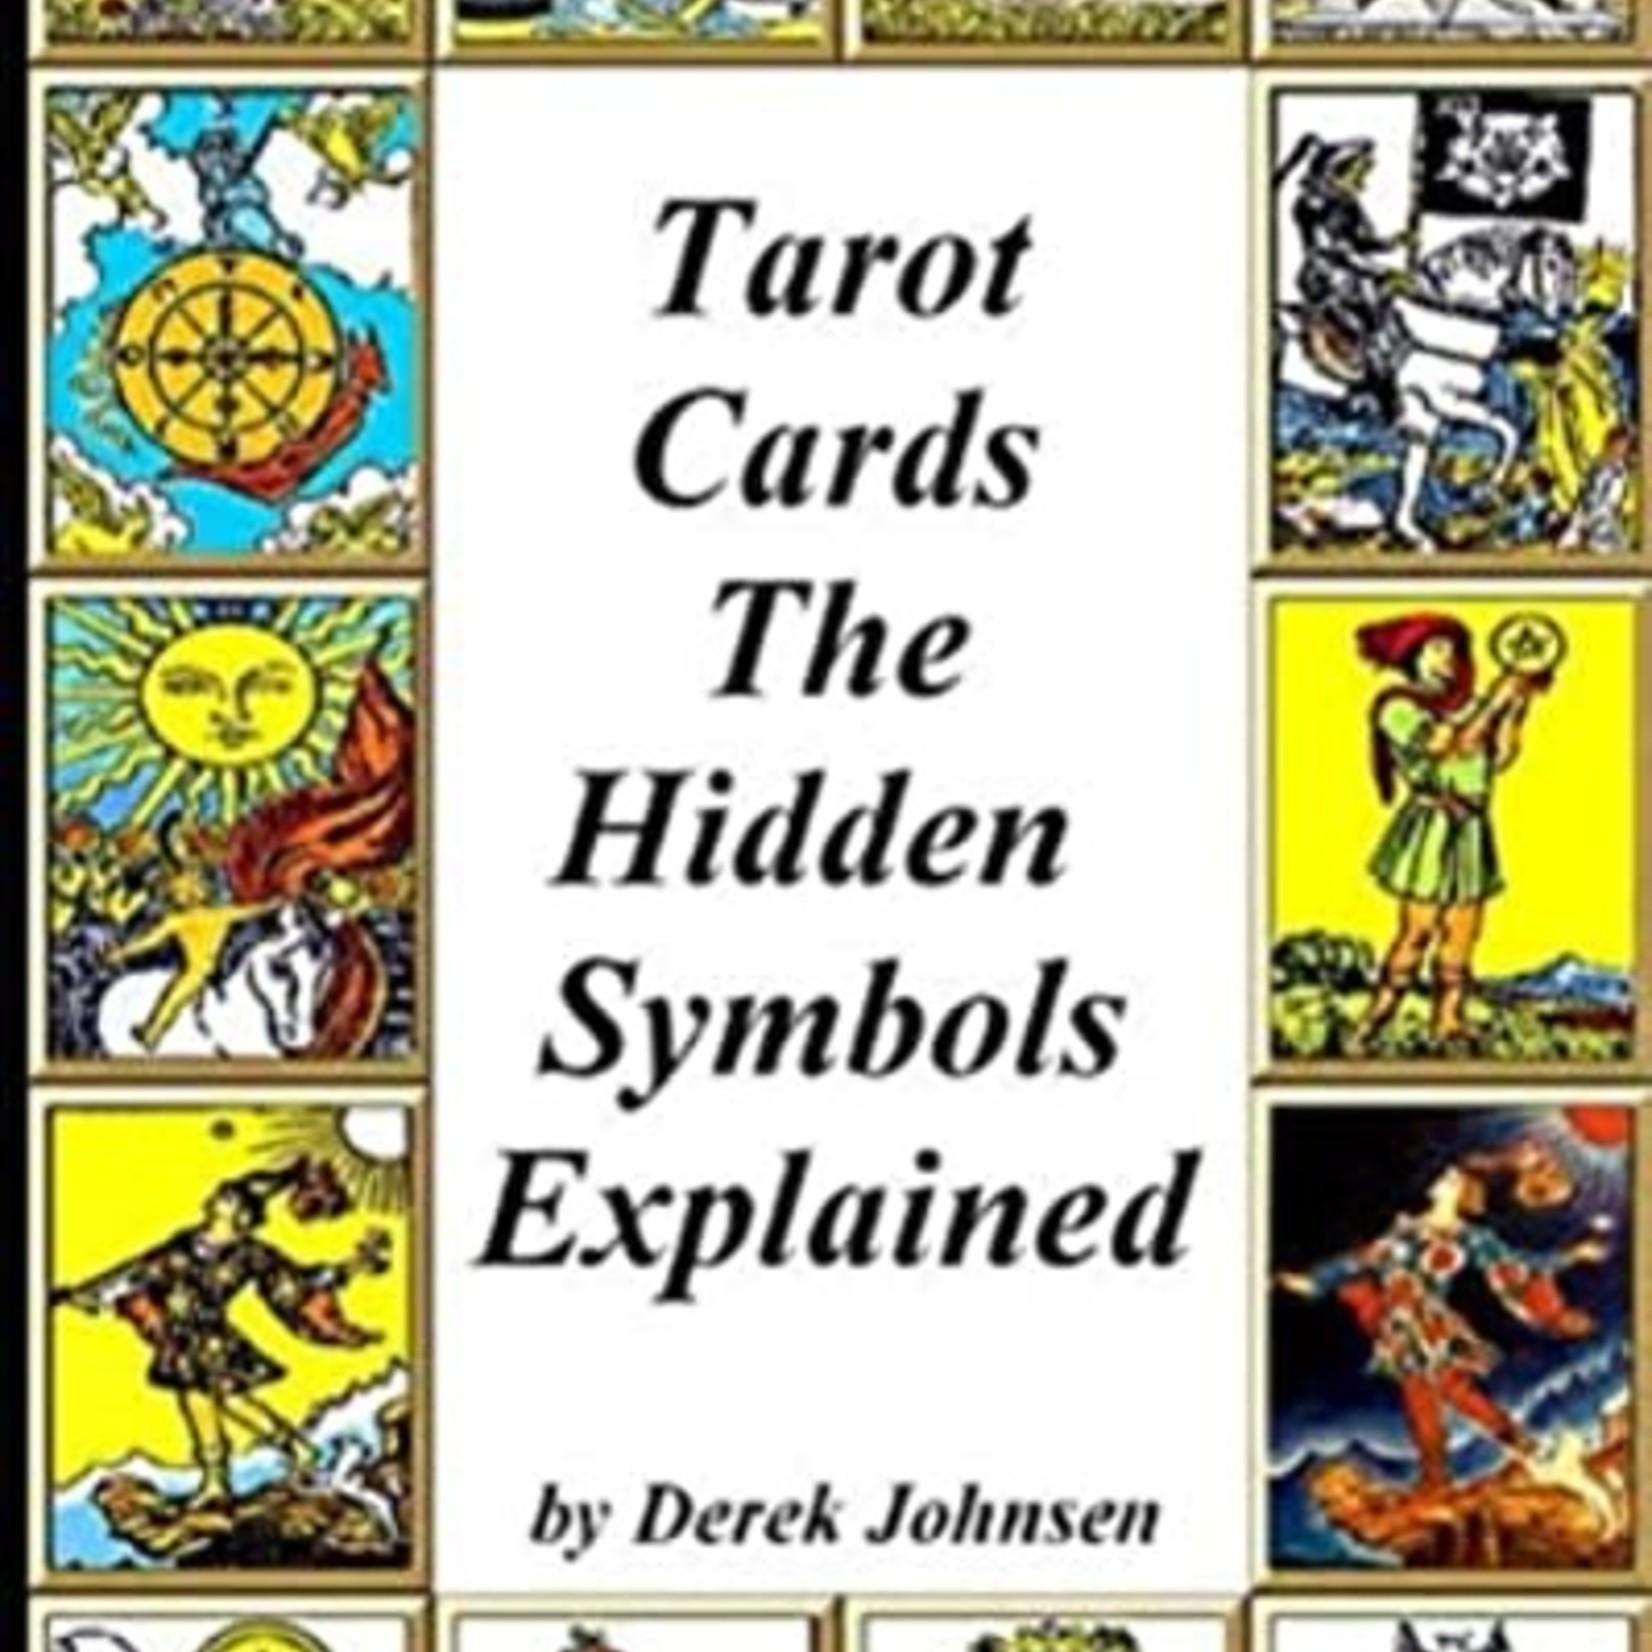 Tarot Cards The Hidden Symbol